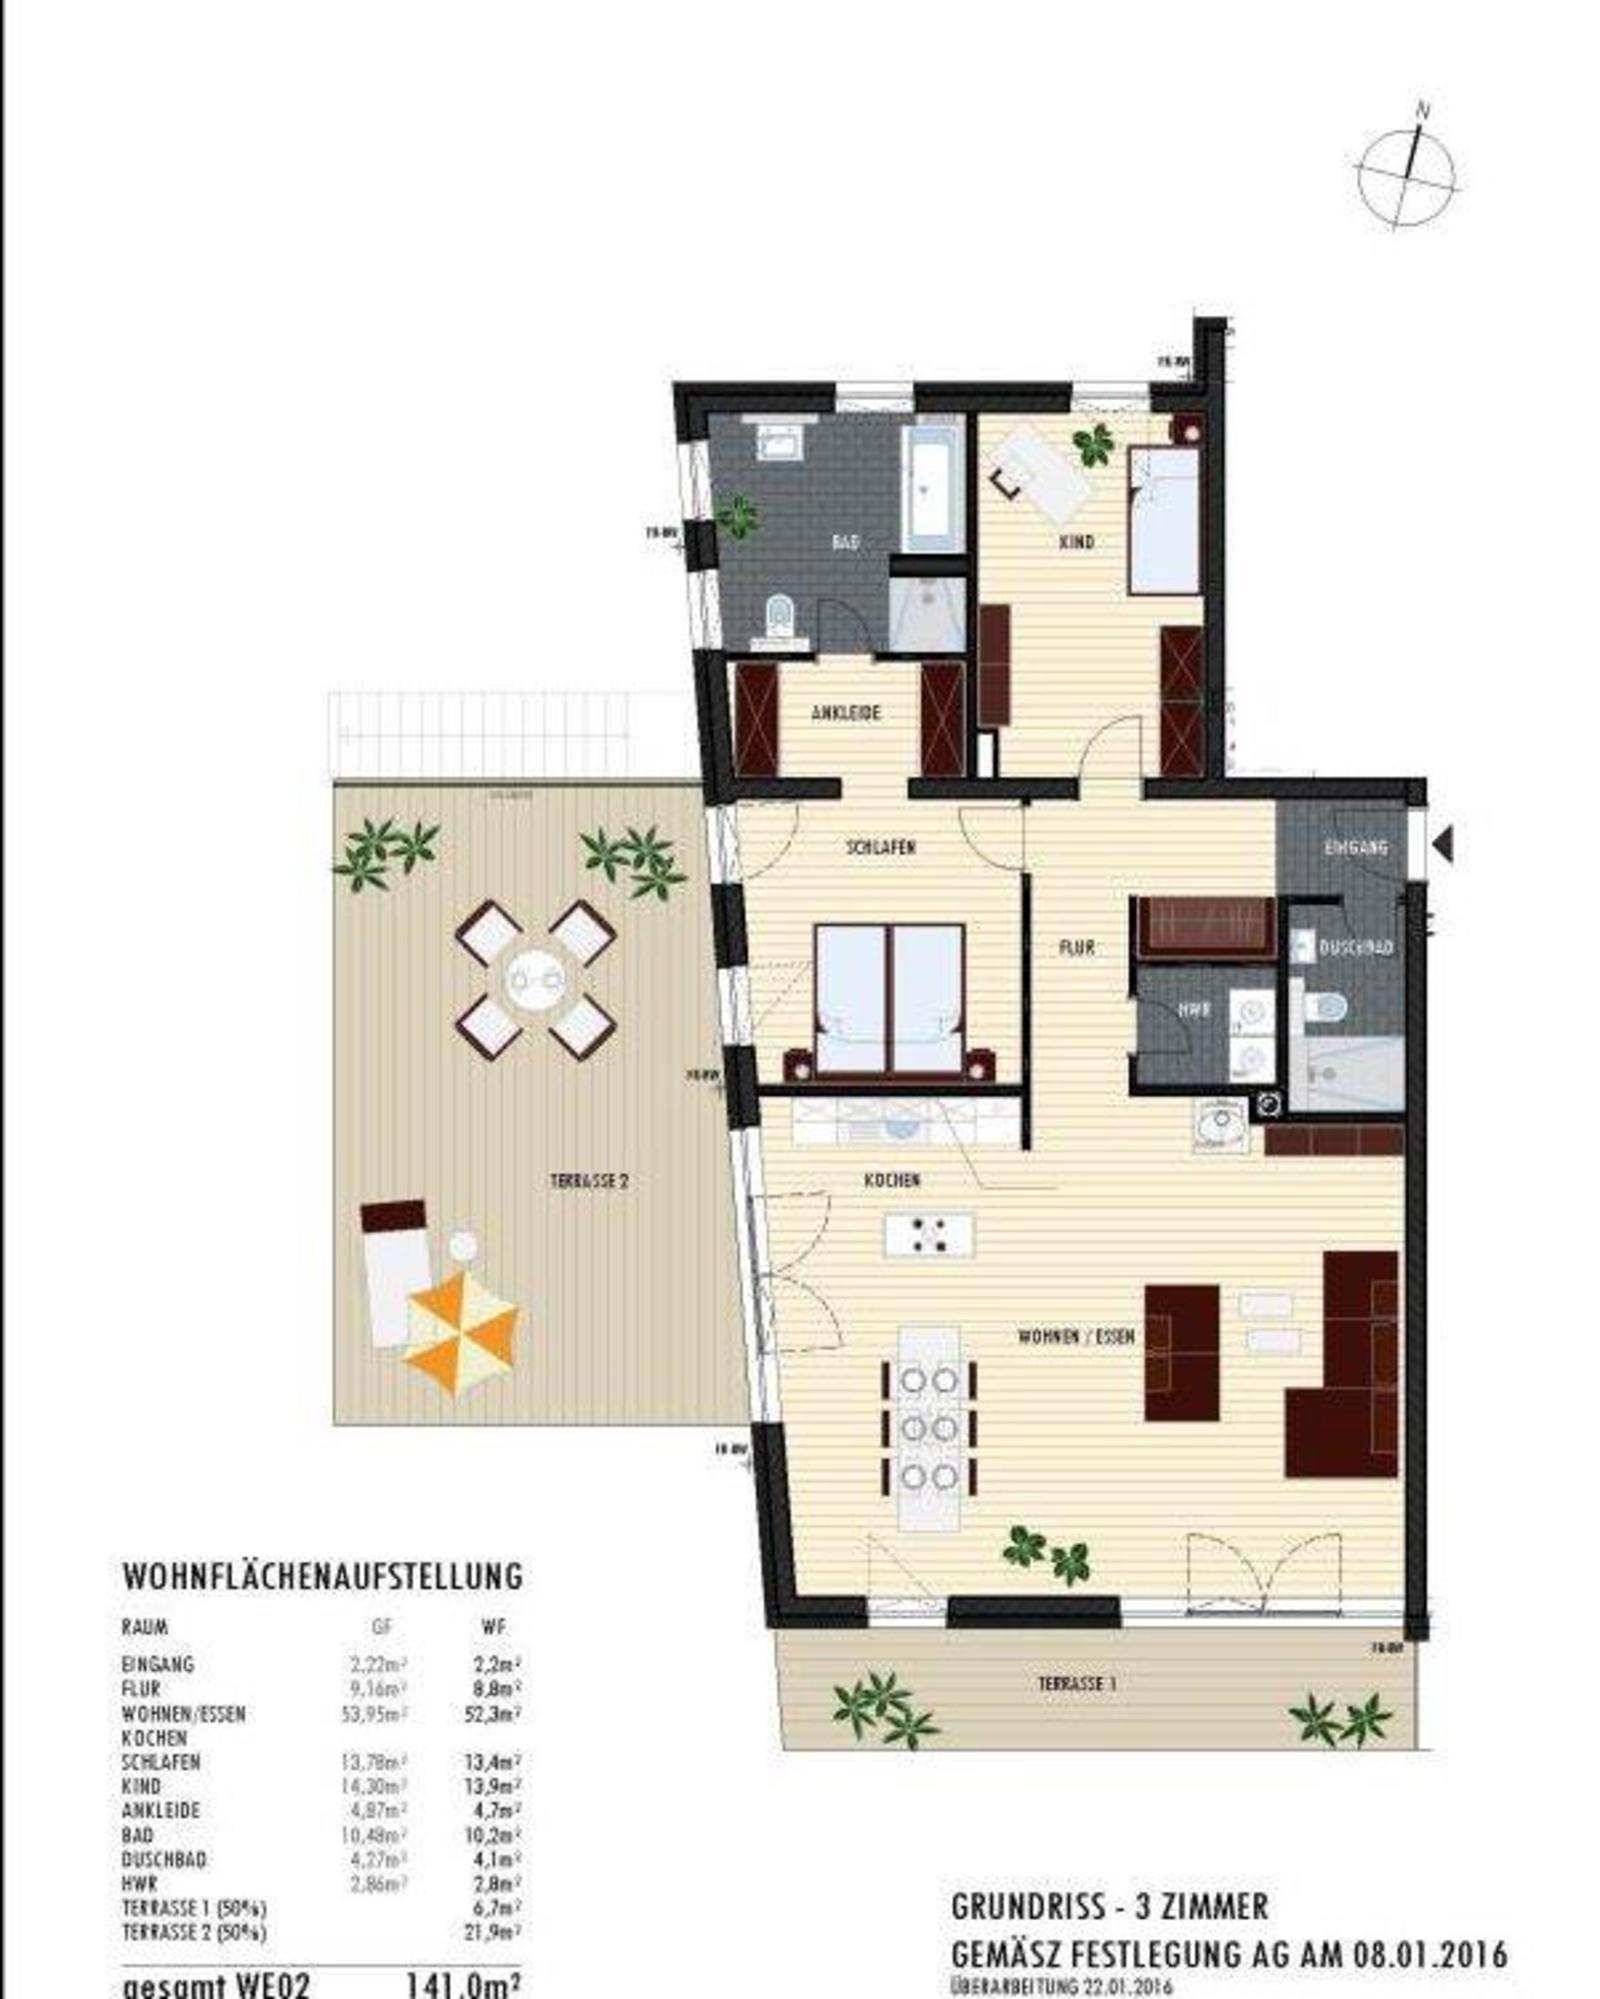 eigentumswohnung leipzig eigentumswohnungen leipzig eigentumswohnung leipzig. Black Bedroom Furniture Sets. Home Design Ideas